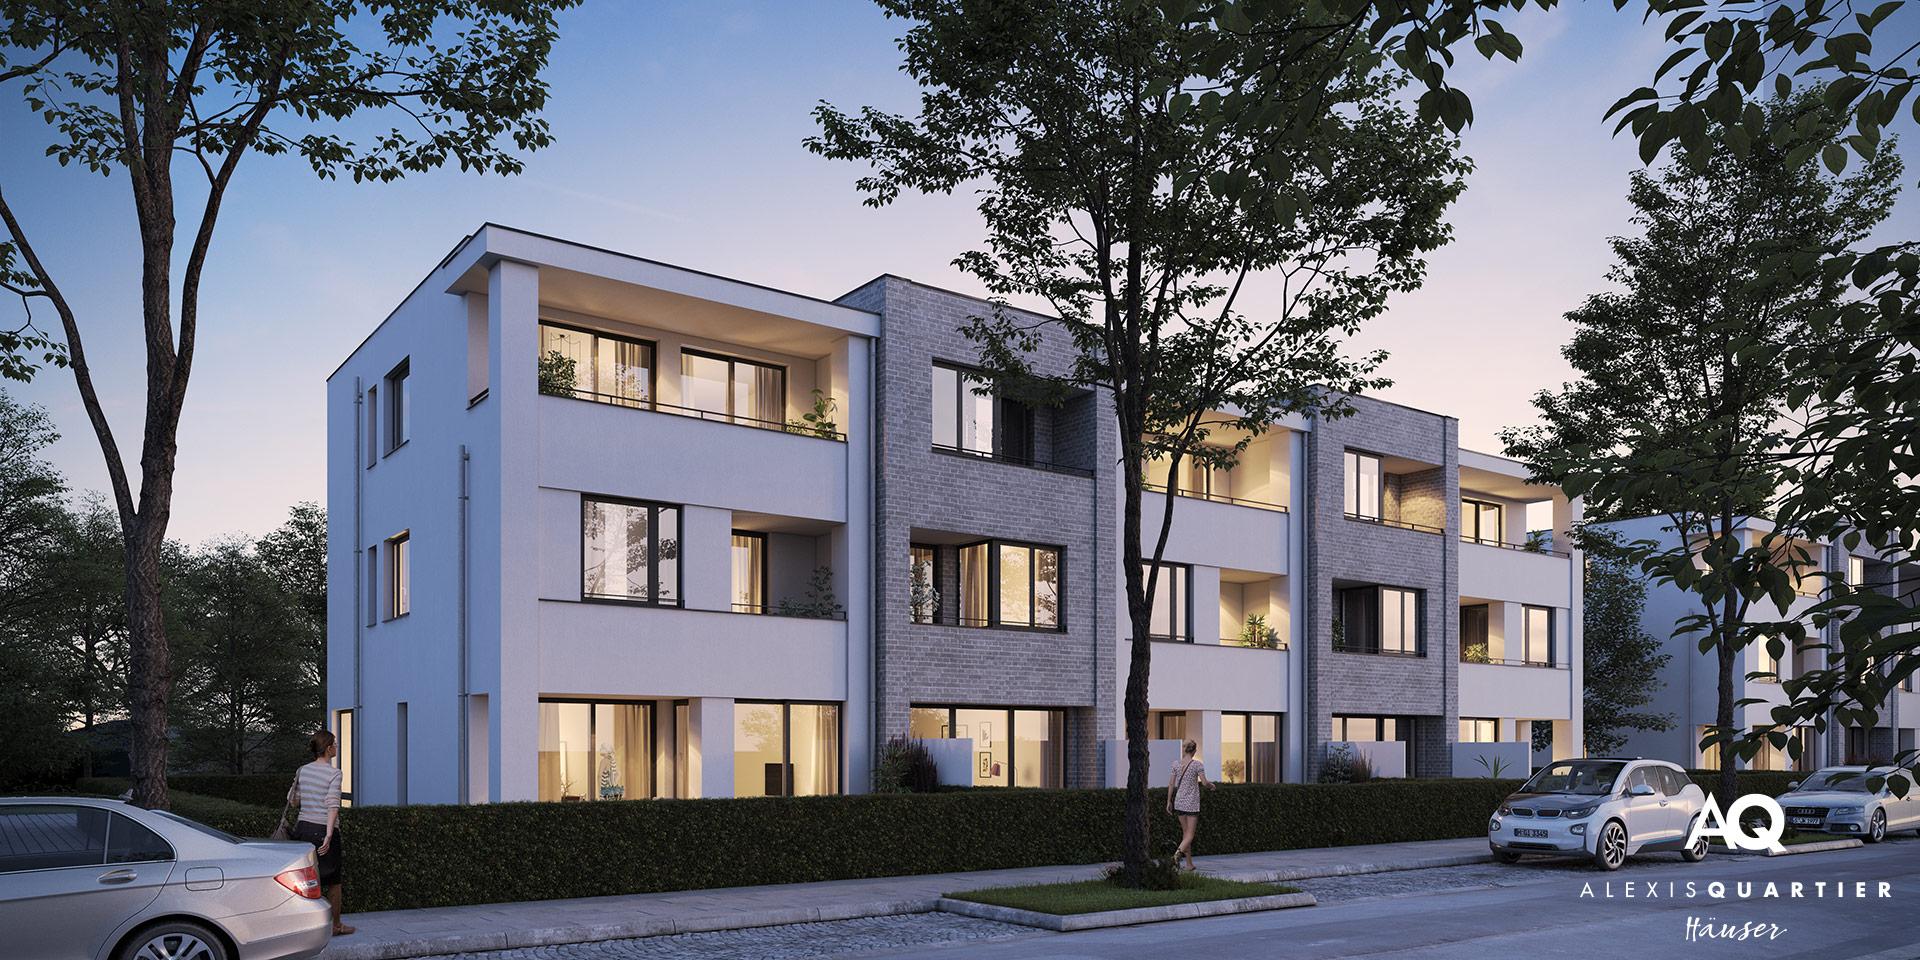 Neubau Von 4 Bis 6 Zimmer Reihenhausern In Munchen Perlach